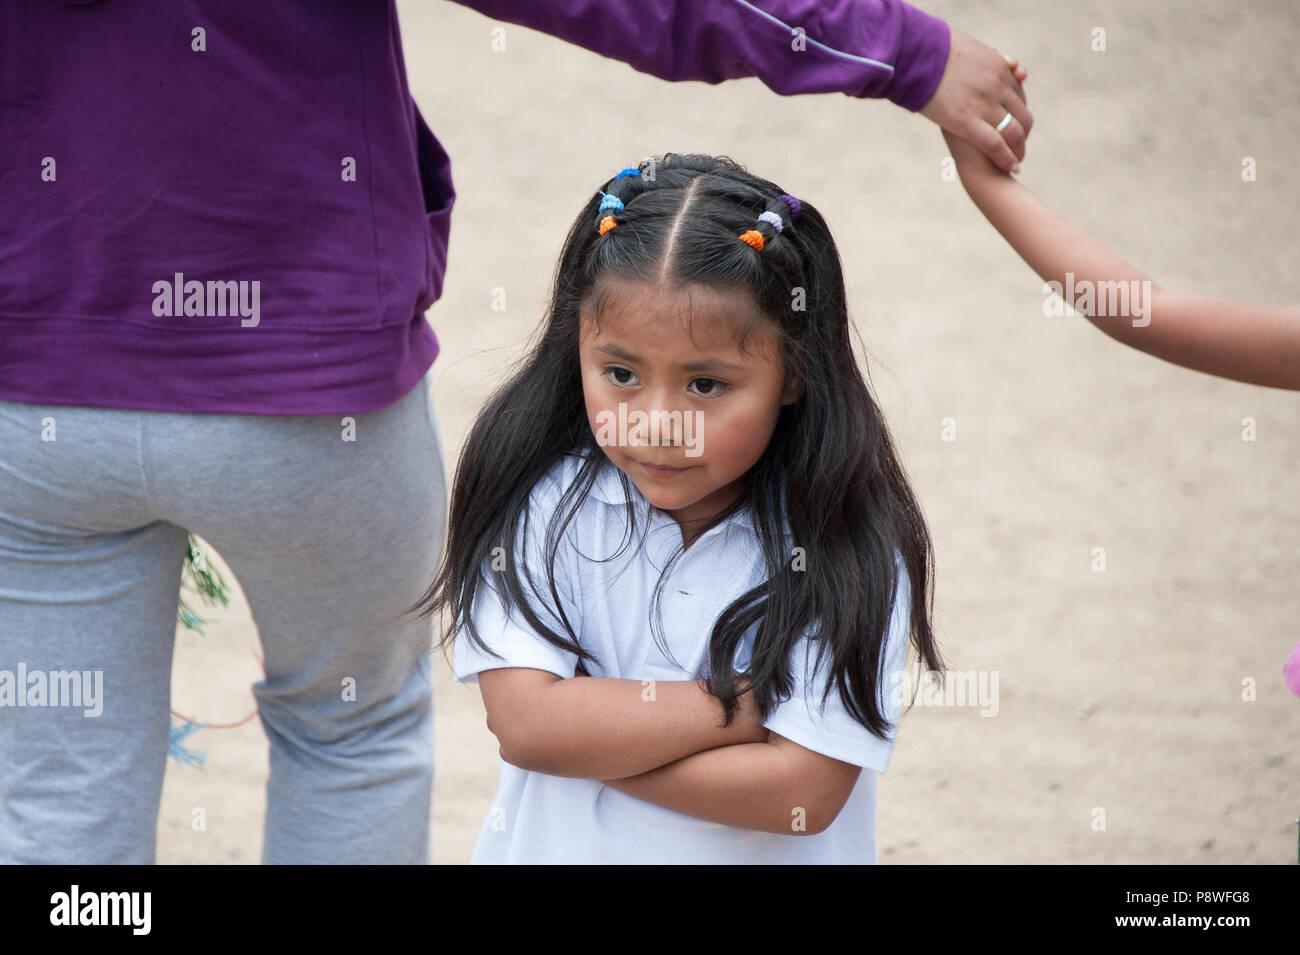 Eine junge lokale Mädchen zeigt ihr Missfallen über Machu Picchu, Peru Südamerika Stockbild